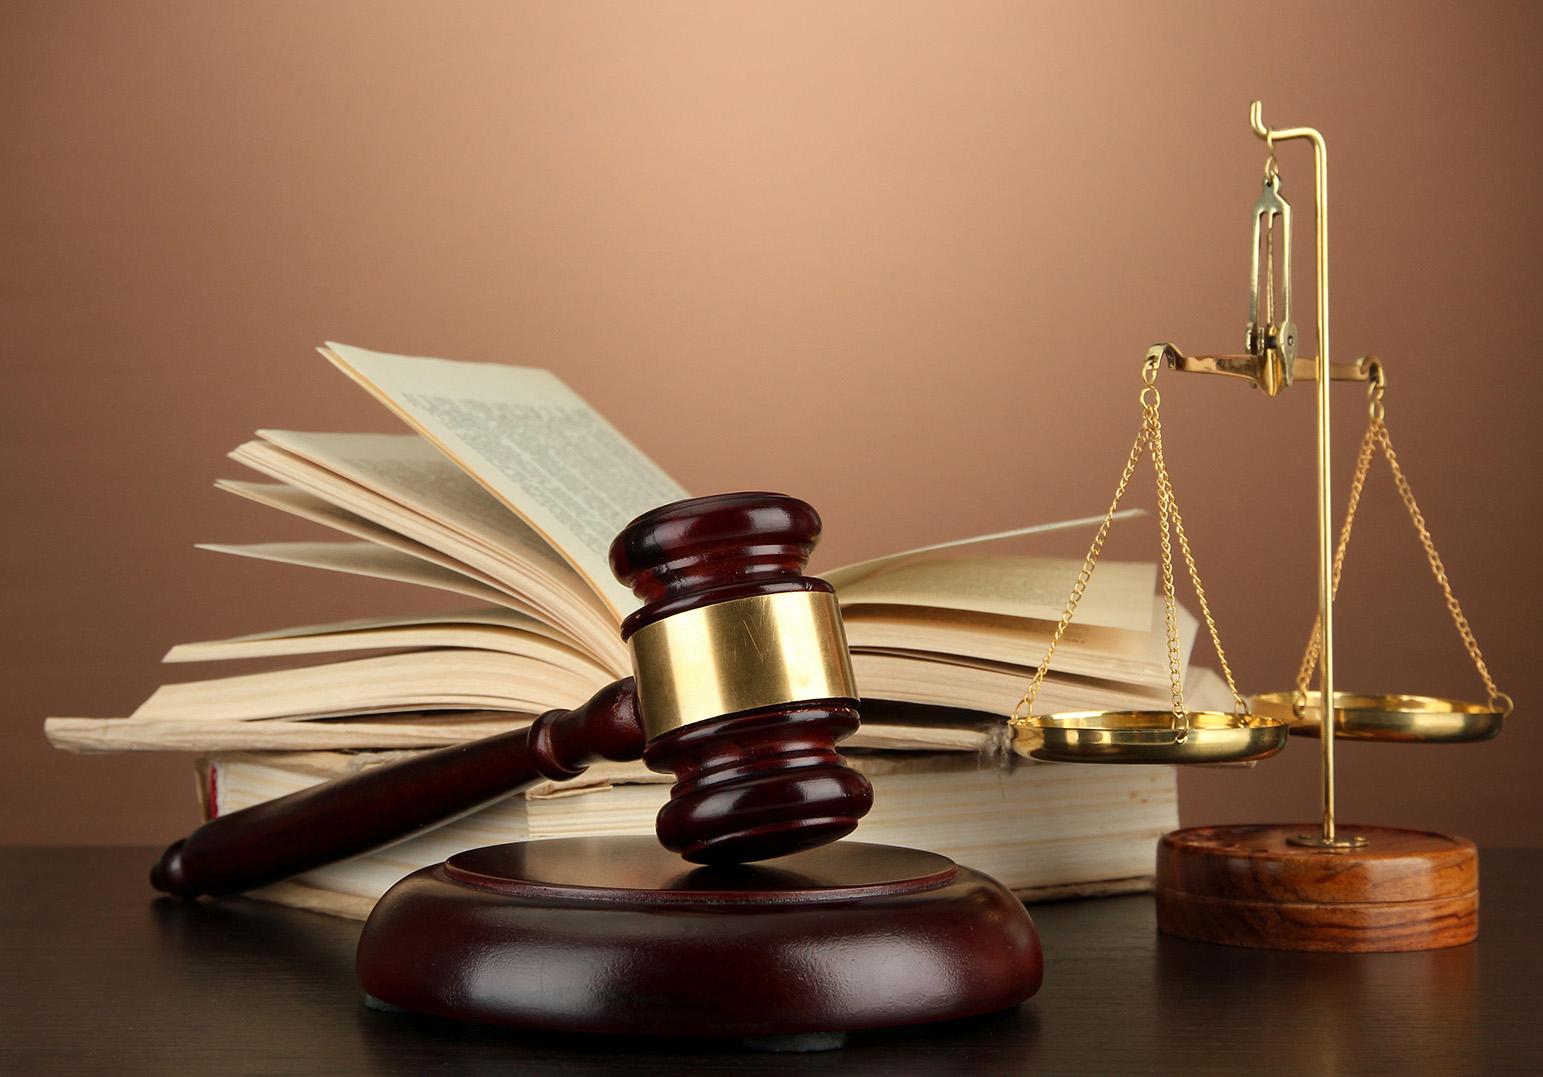 خبرگزاری قوه قضائیه ویدیویی منتشر کرده که بخشی از مستندات جرائم بقایی می باشد/قسمت اول